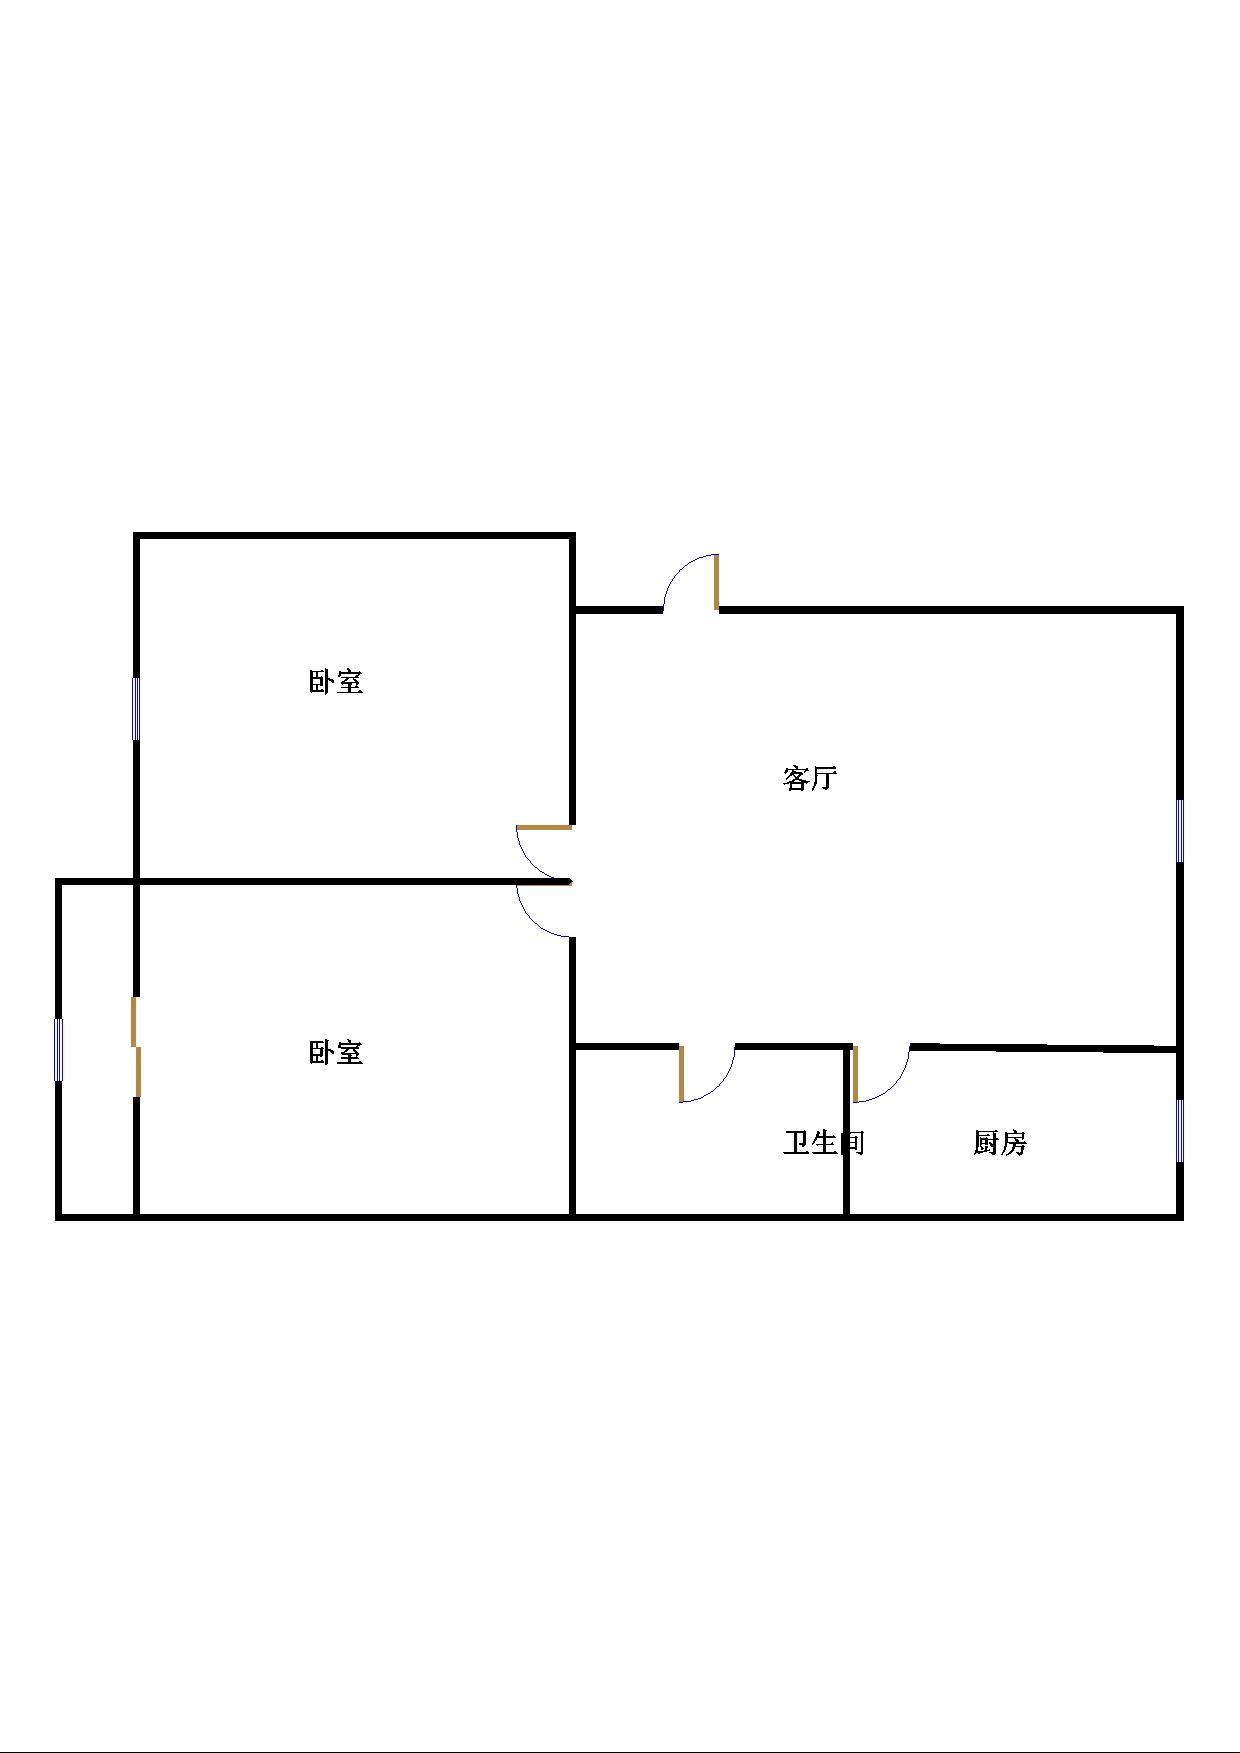 北园小区 2室1厅 双证齐全 精装 56万